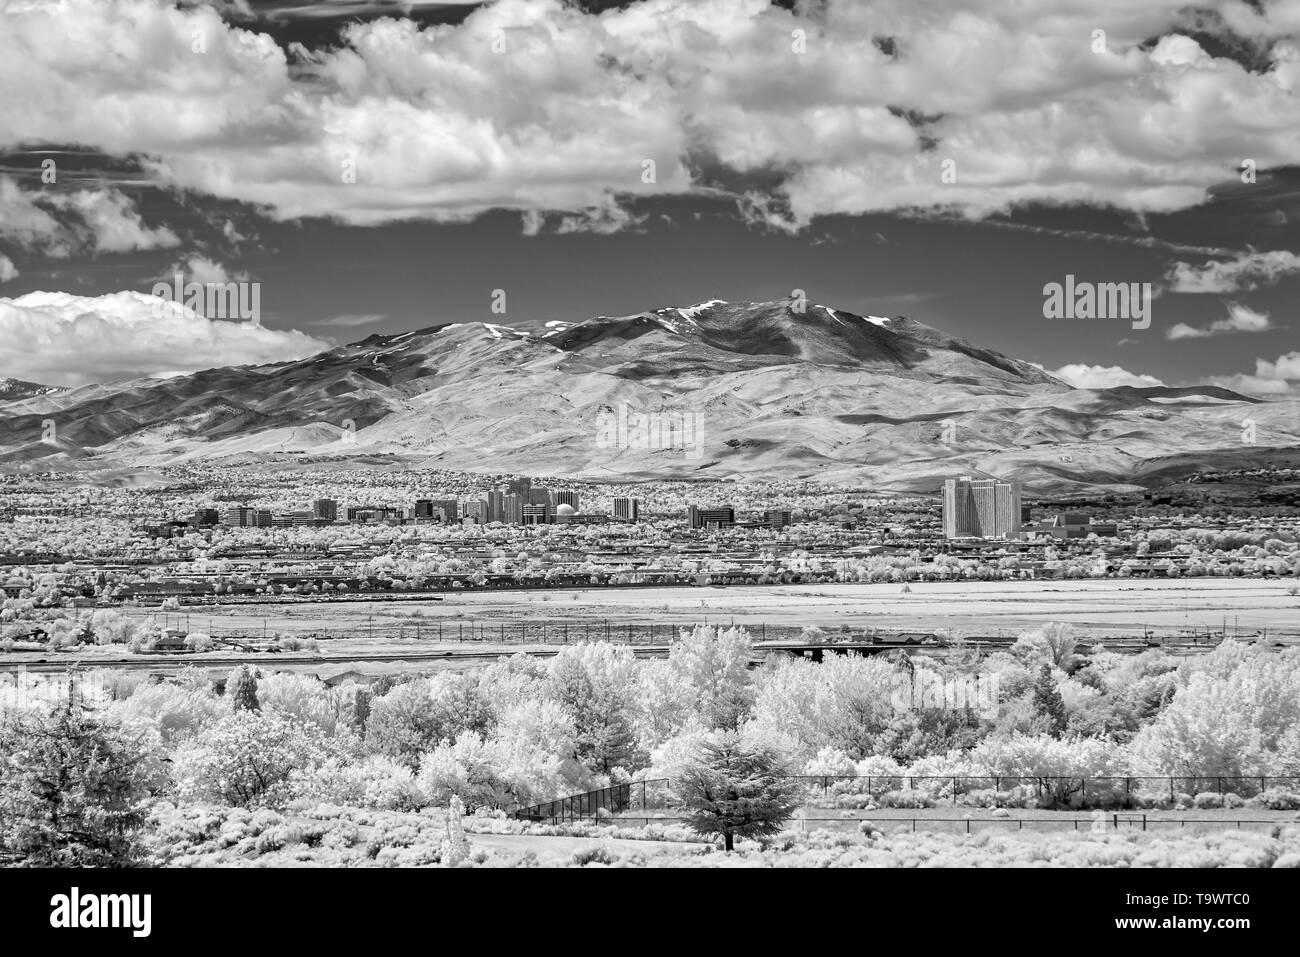 City of Reno Cityscape in infrared monochrome. - Stock Image